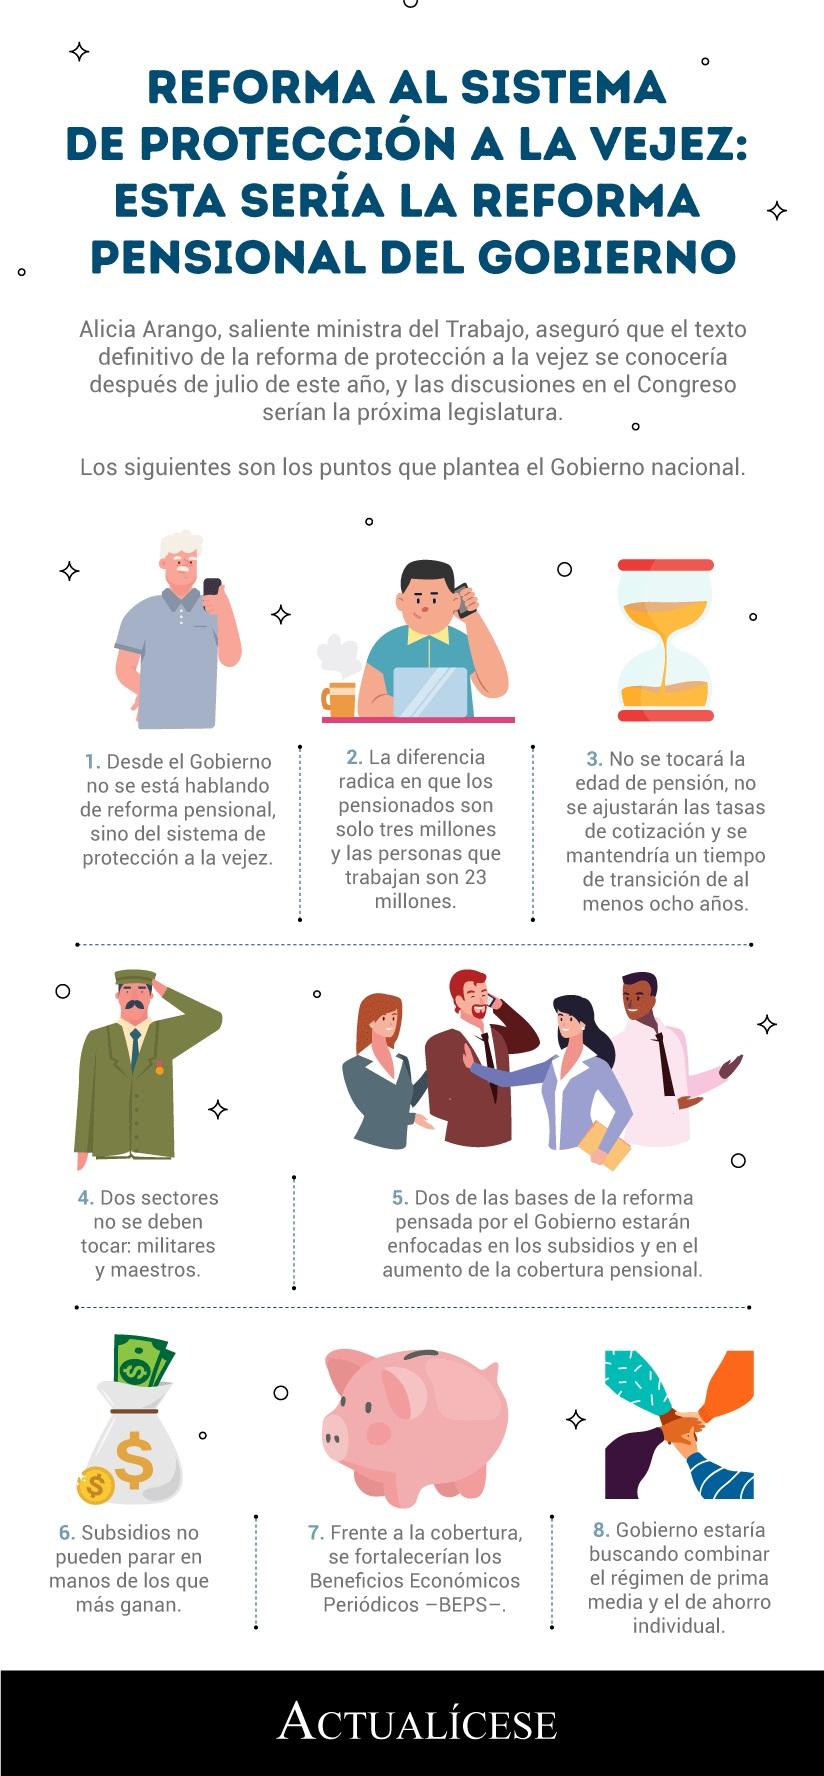 [Infografía] Reforma al sistema de protección a la vejez: esta sería la reforma pensional del Gobierno